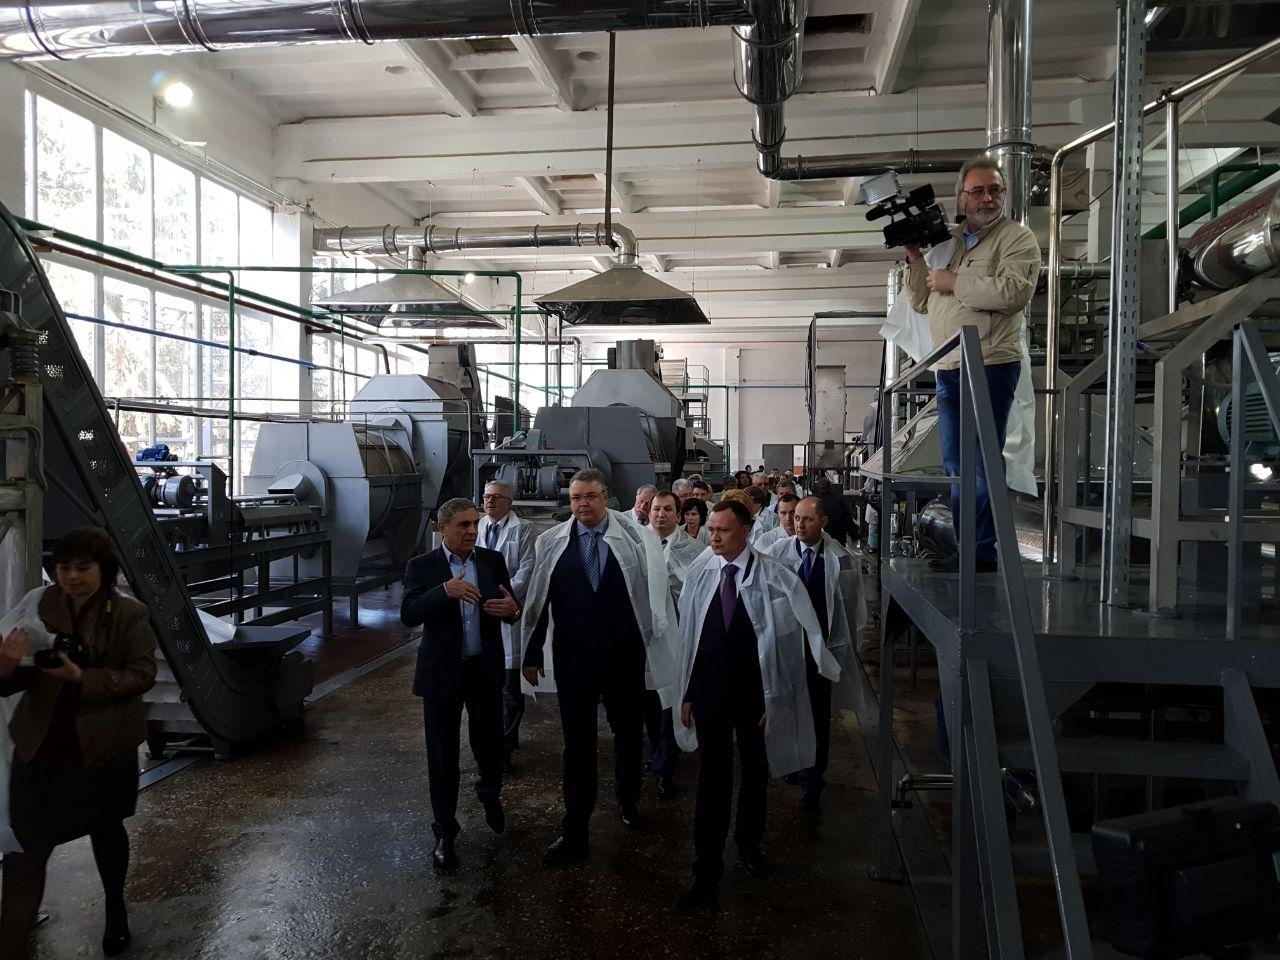 ВГеоргиевске открыли консервный завод стоимостью полмиллиарда руб.